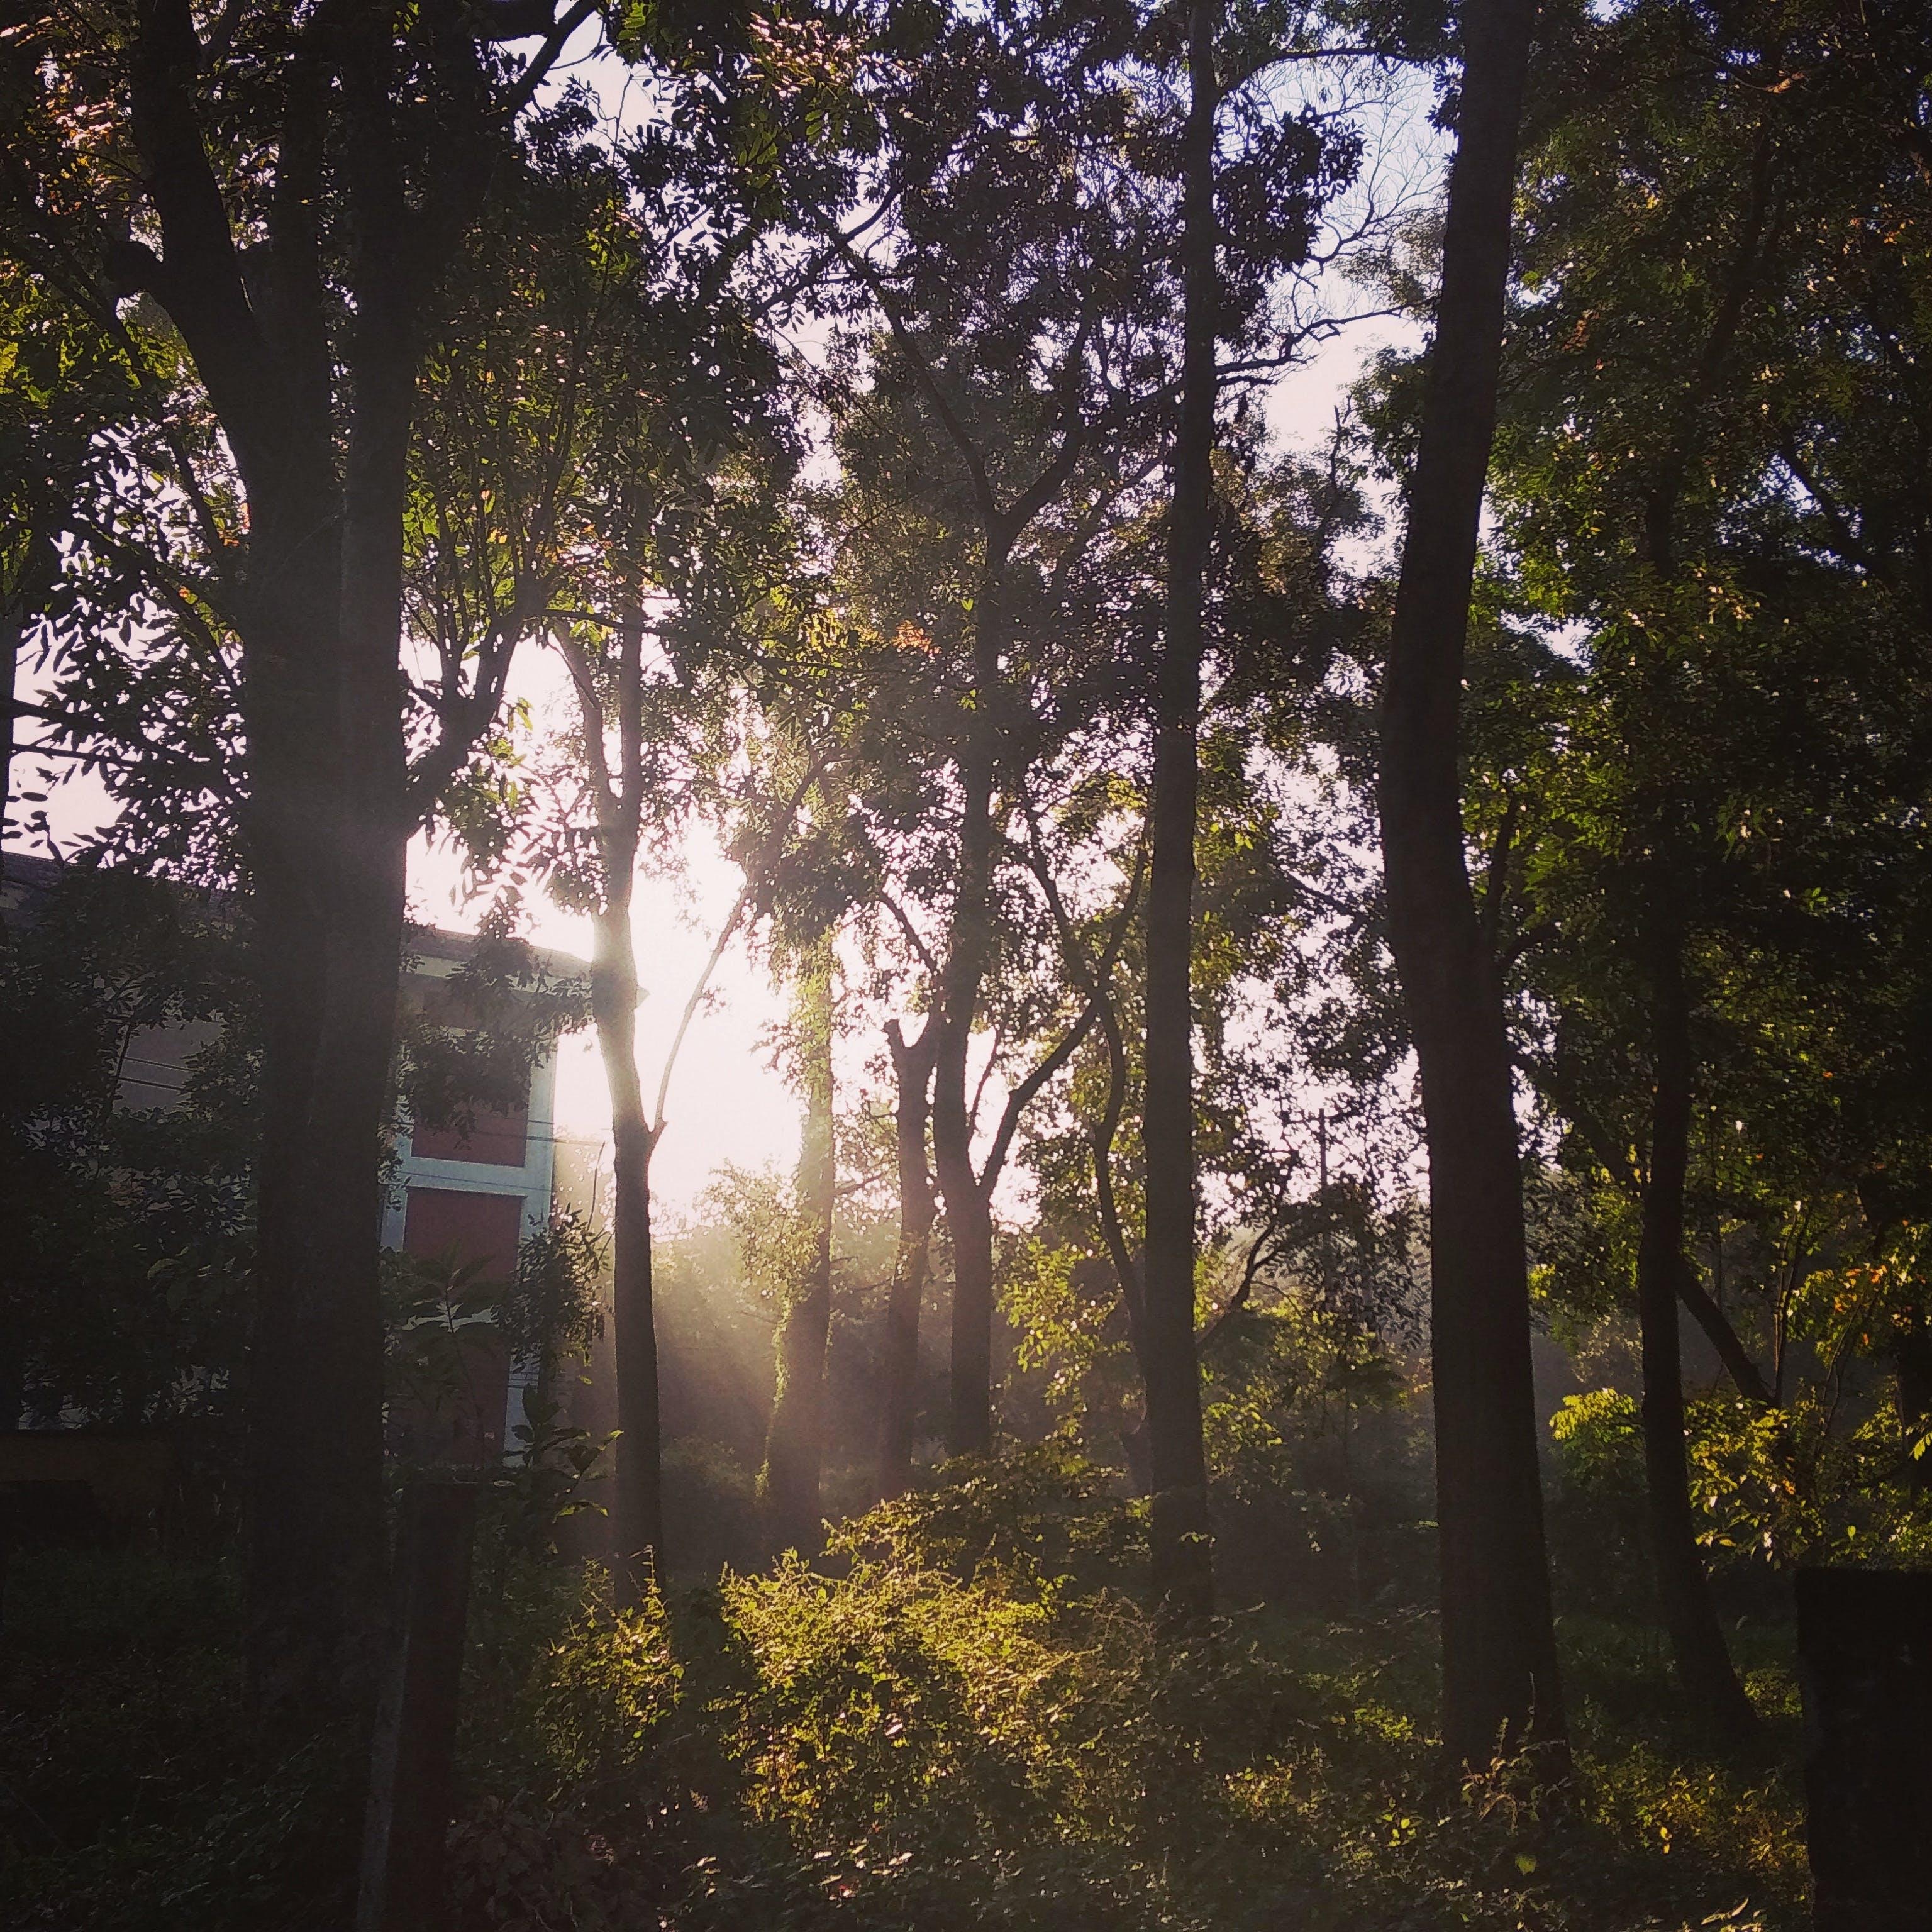 Free stock photo of cây, nhà ở, NongLam, rừng ở trường